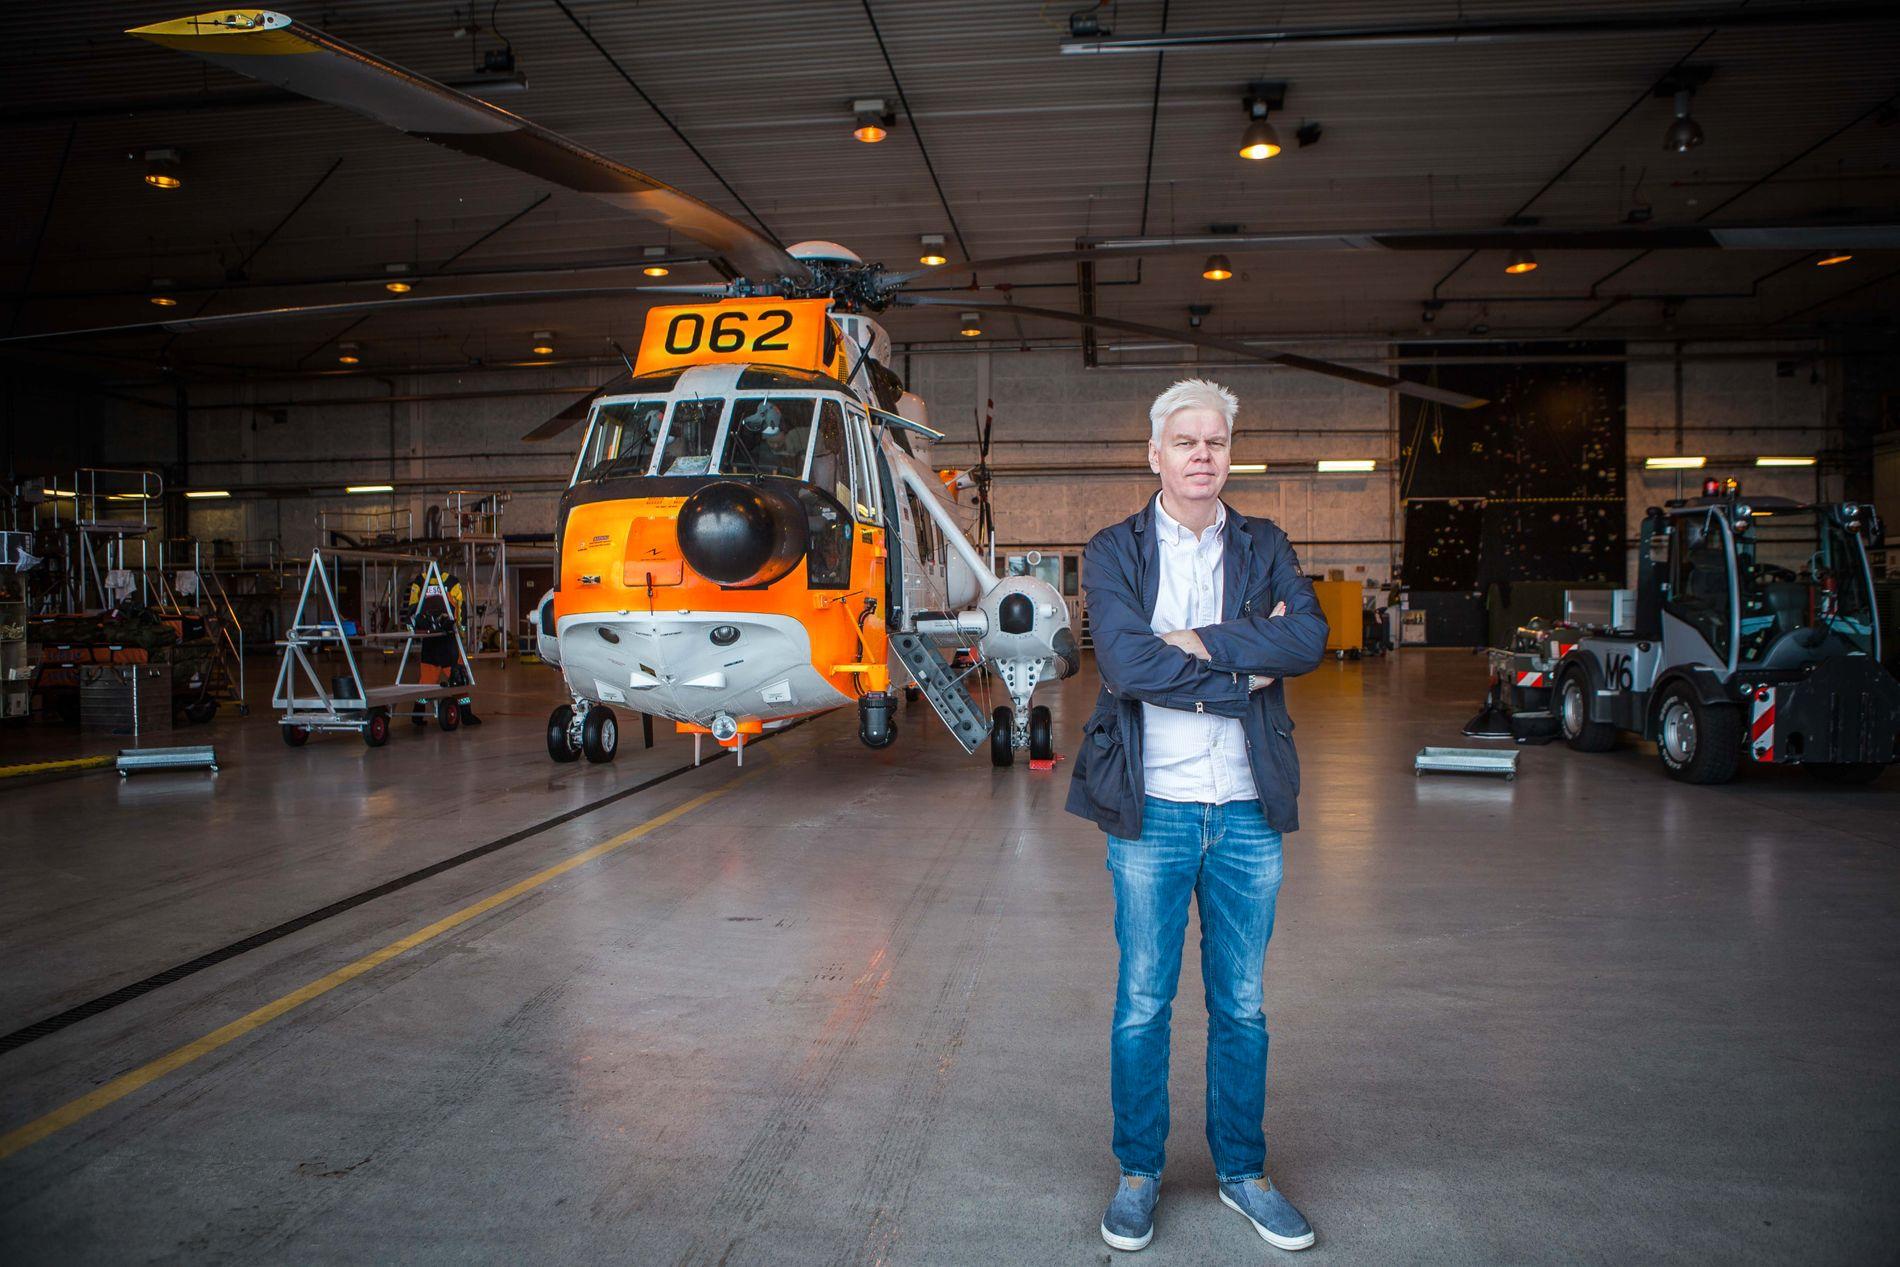 KOORDINERER OPPDRAG: Redningsleder Bjørn Jarle Åmlid ved Hovedredningssentralen Sør-Norge har ansvaret for å prioritere og koordinere redningsoppdrag med Sea King-helikoptrene, som opereres av 330-skvadronen.